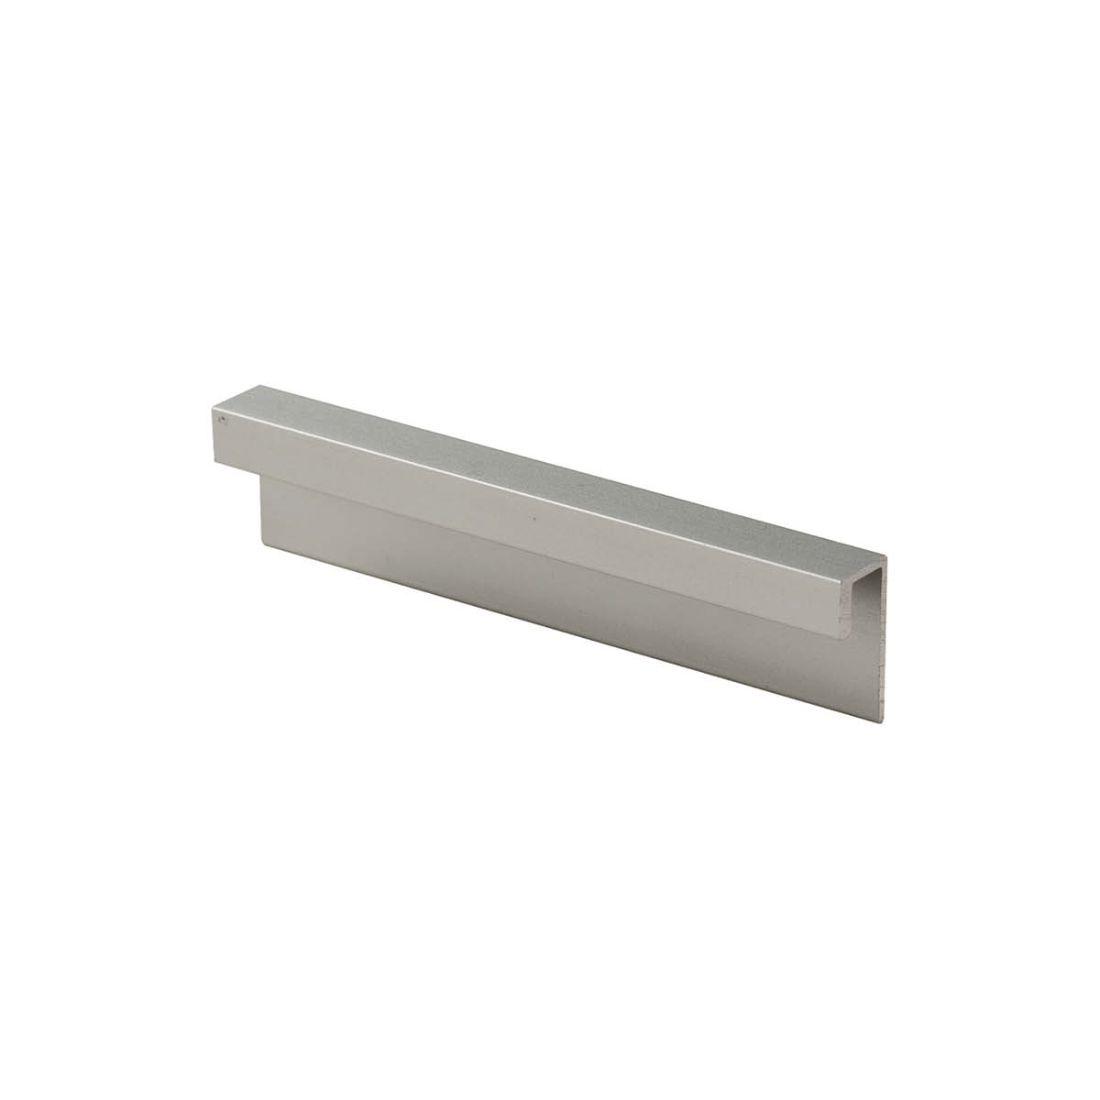 Aluminium End Cap Concrete 2700 x 4.5mm